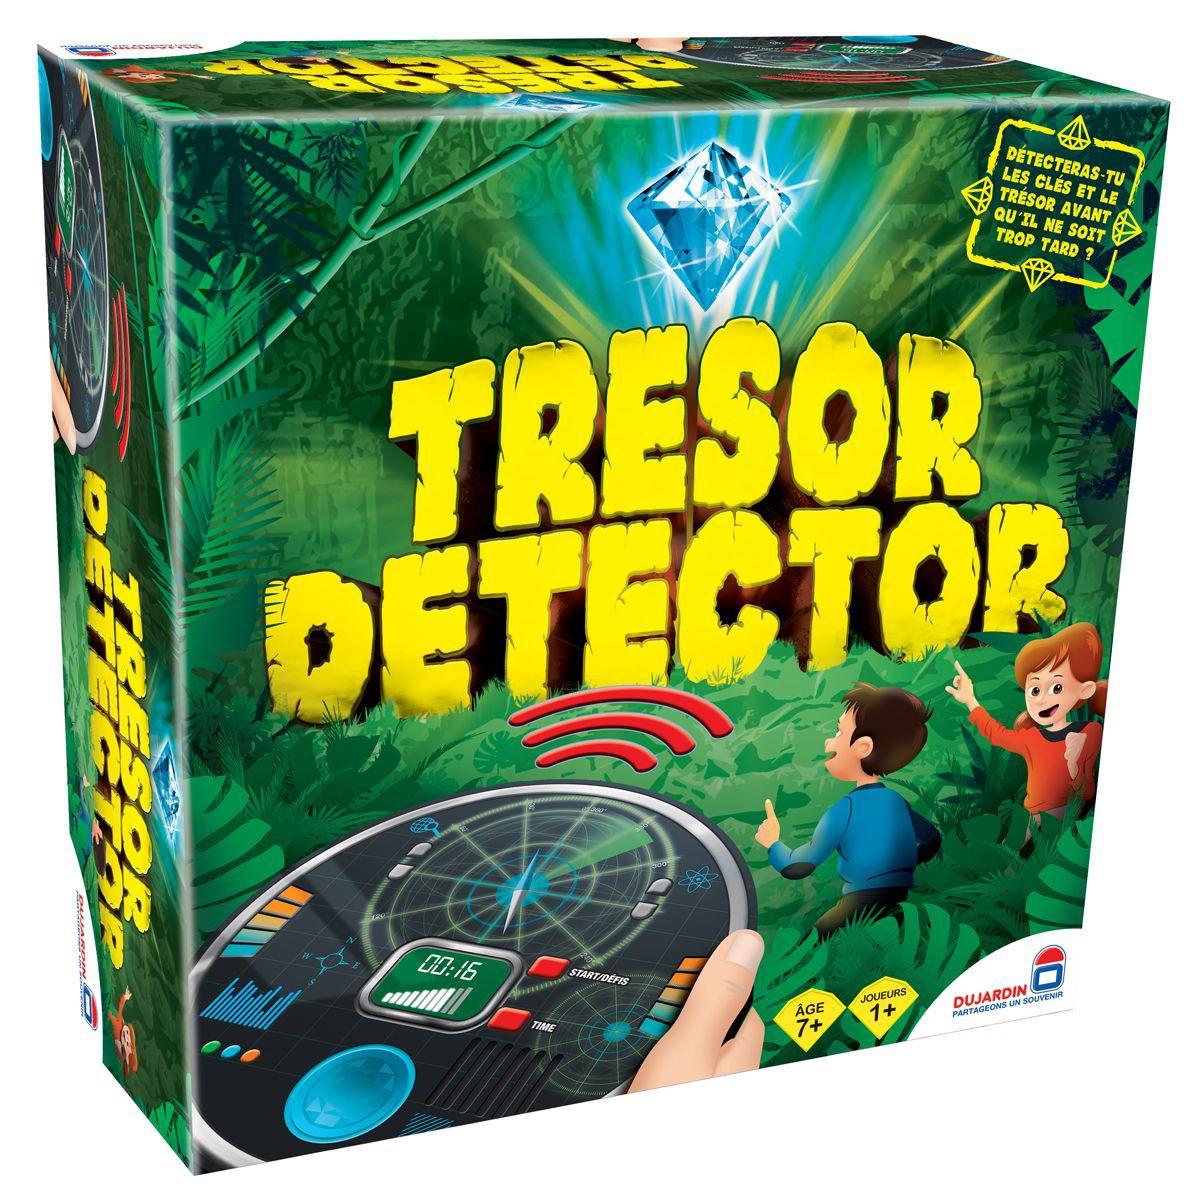 jeu tresor detector